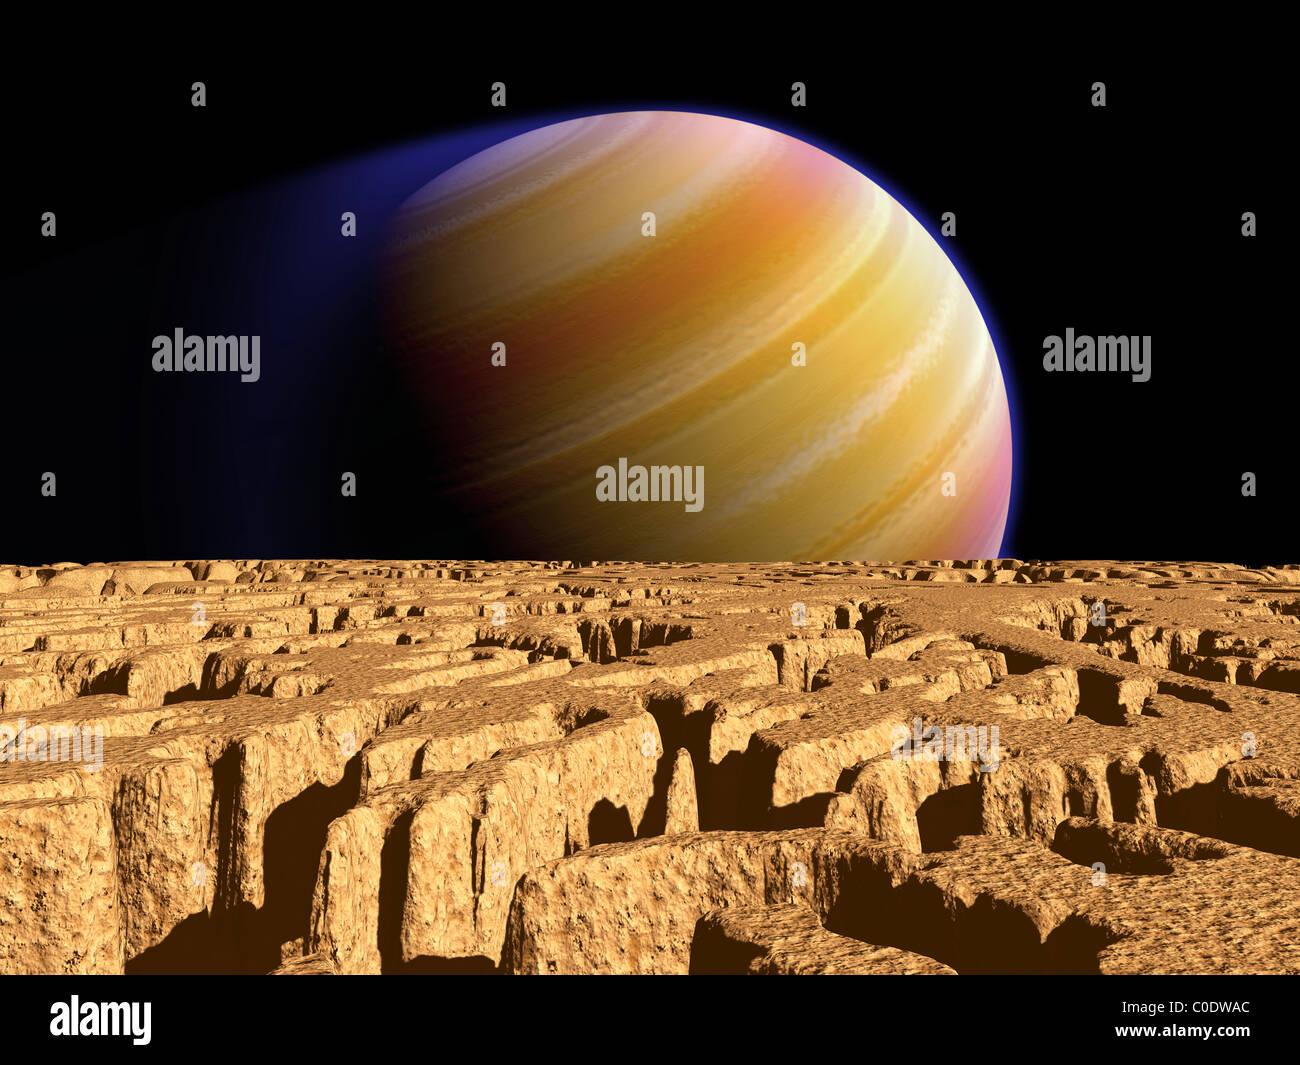 Konzept des Künstlers extrasolaren Planeten Tau Bootis b über einen hypothetischen Mond. Stockbild